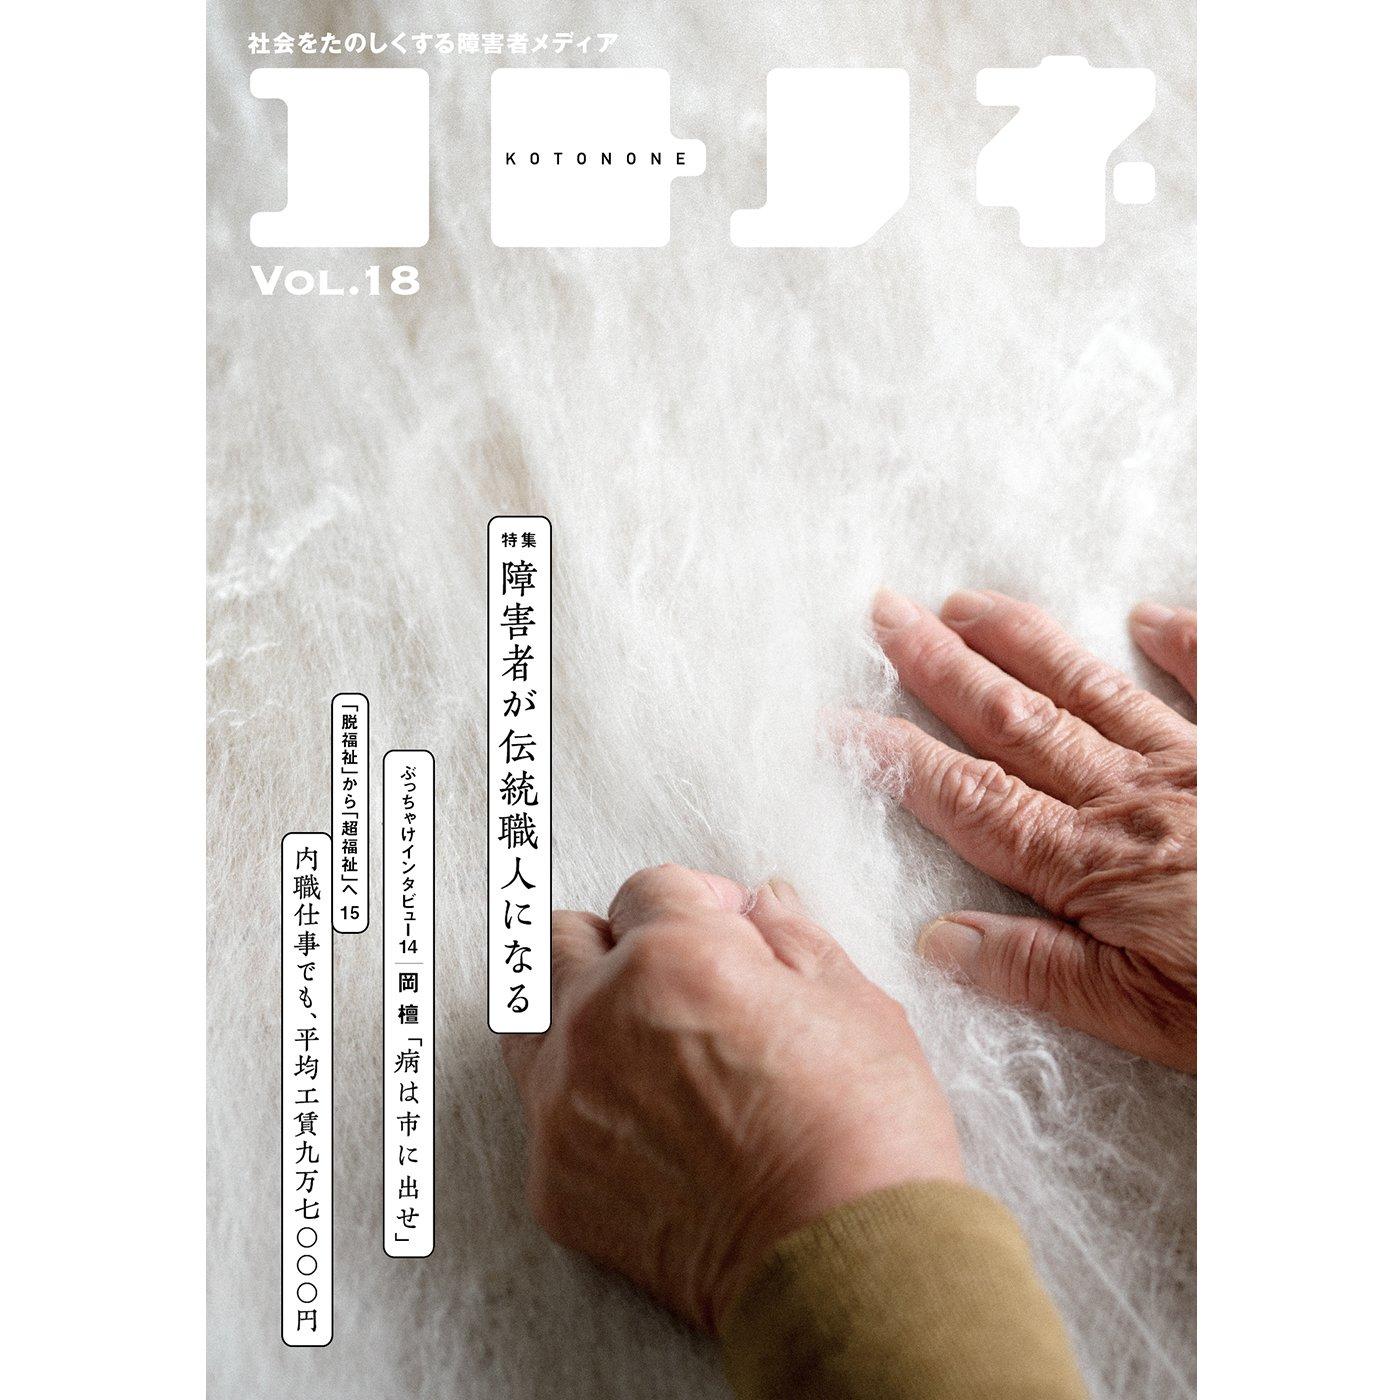 社会をたのしくする障害者メディア 雑誌 コトノネ Vol.18